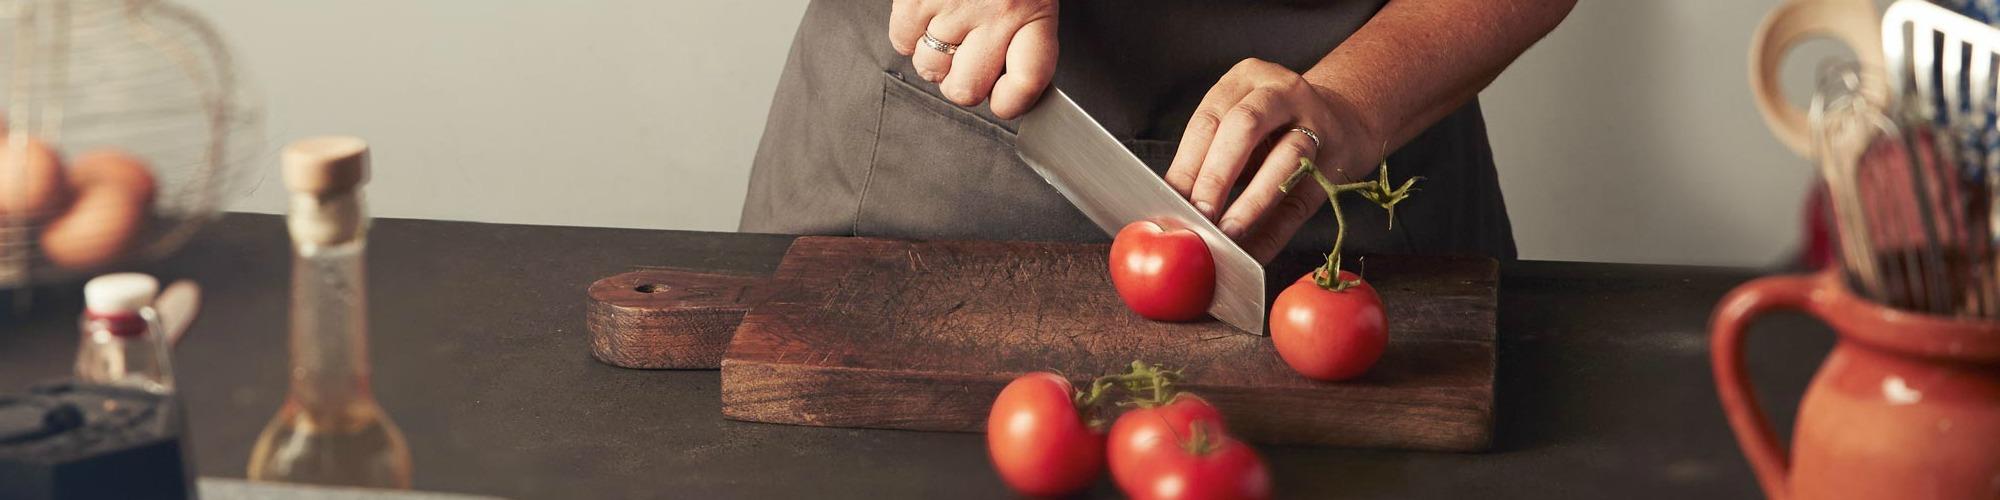 Koken header